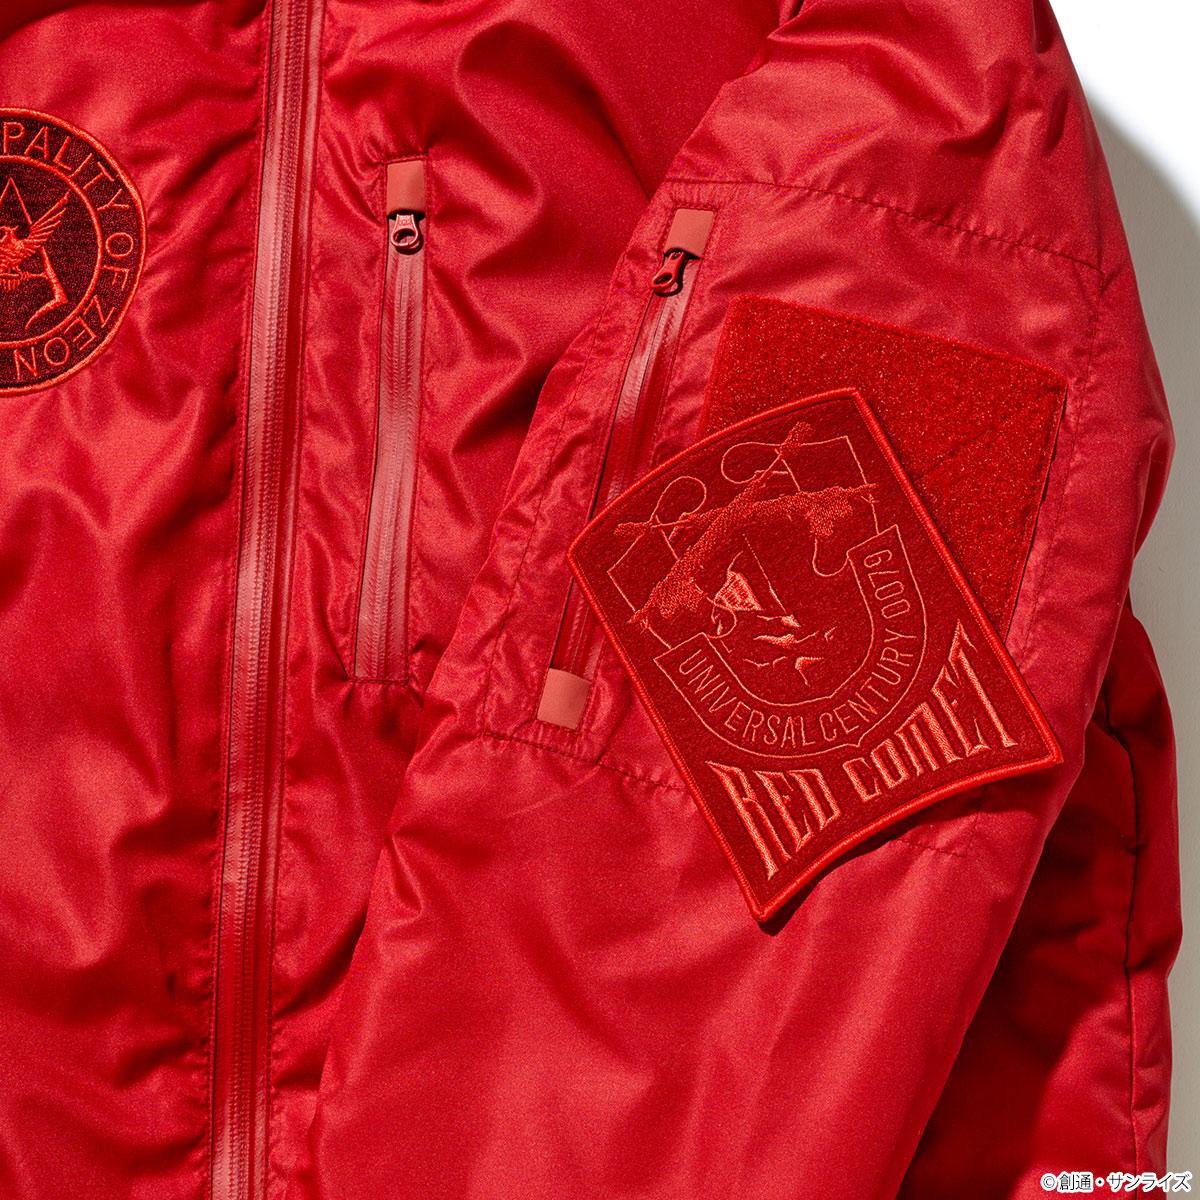 STRICT-G × NANGA ダウンジャケット『機動戦士ガンダム』40周年記念 シャアモデル